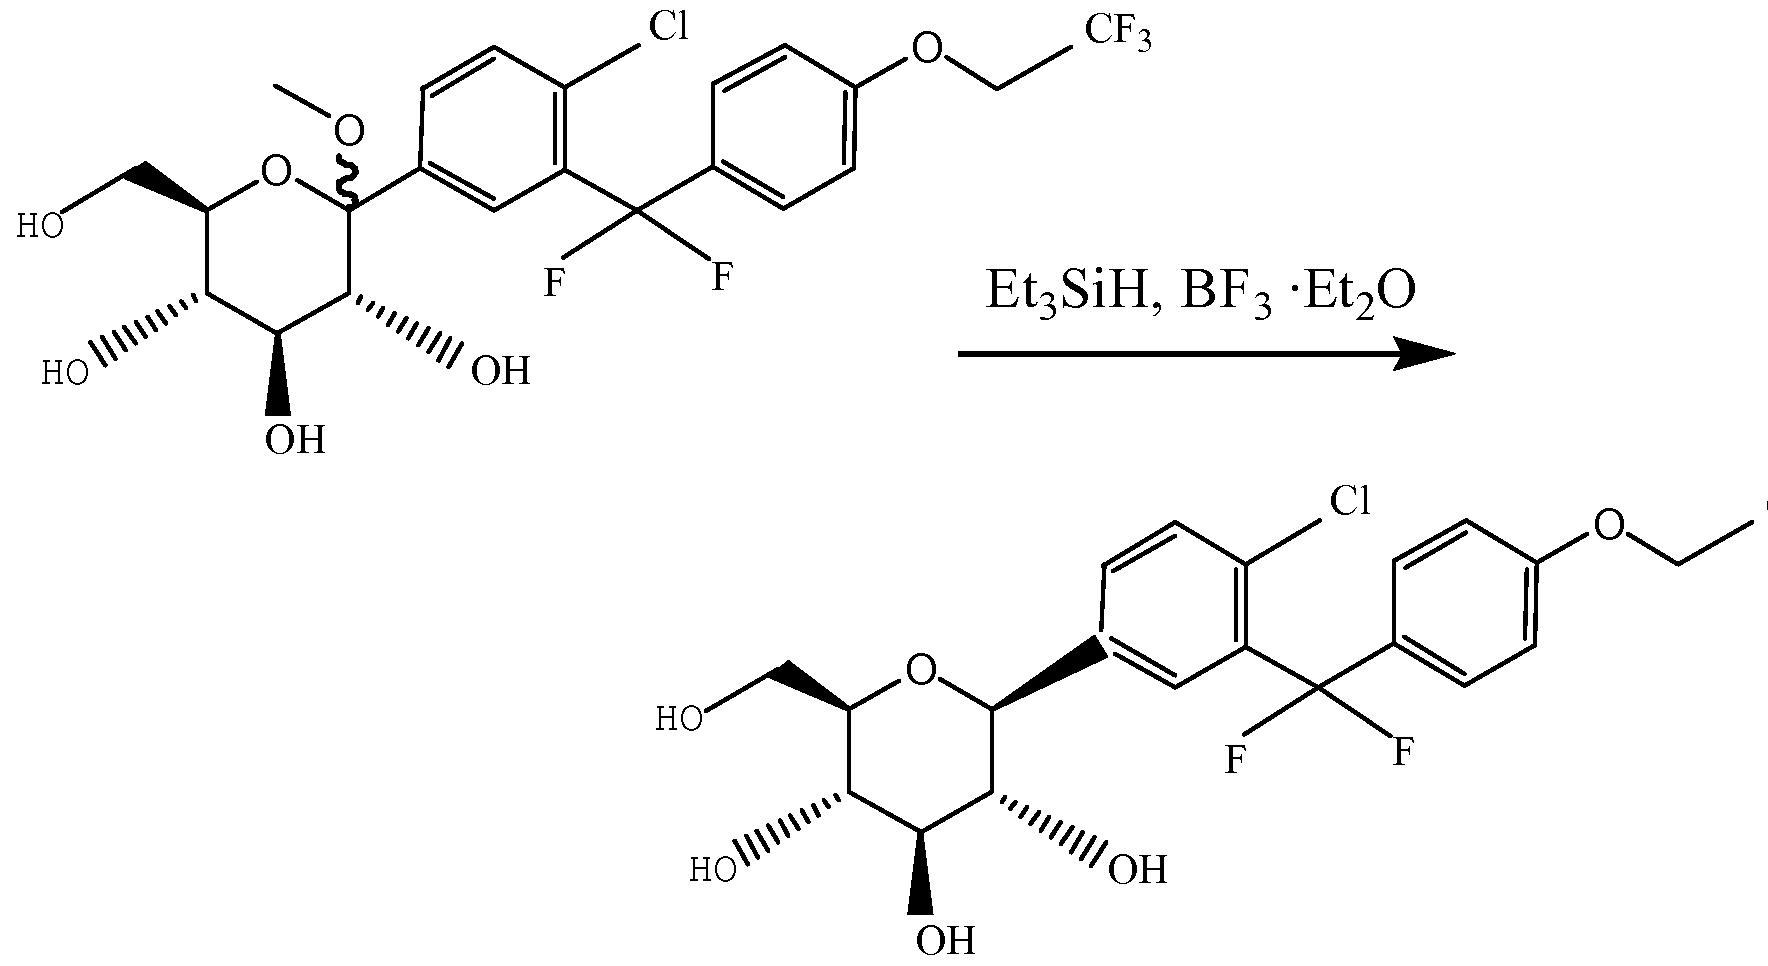 另一方面, 本发明提供上述化合物或其药物可接受的盐、 溶剂化物、 多 晶型体、 对映体或外消旋混合物在制备 C-芳基葡糖苷 SGLT2抑制剂类药 物中的用途。 实验证明, 本发明提供的化合物具有 SGLT2抑制剂的作用, 因此可制备成相应的 SGLT2抑制剂类药物用于临床治疗或研究。 再一方面, 本发明提供上述化合物或其药物可接受的盐、 溶剂化物、 多晶型体、 对映体或外消旋混合物在制备治疗、 预防或延緩下述疾病的药 物中的用途: 糖尿病、 高血糖、 高胰岛素血症、 高脂血症、 肥胖症、 X综 合征、